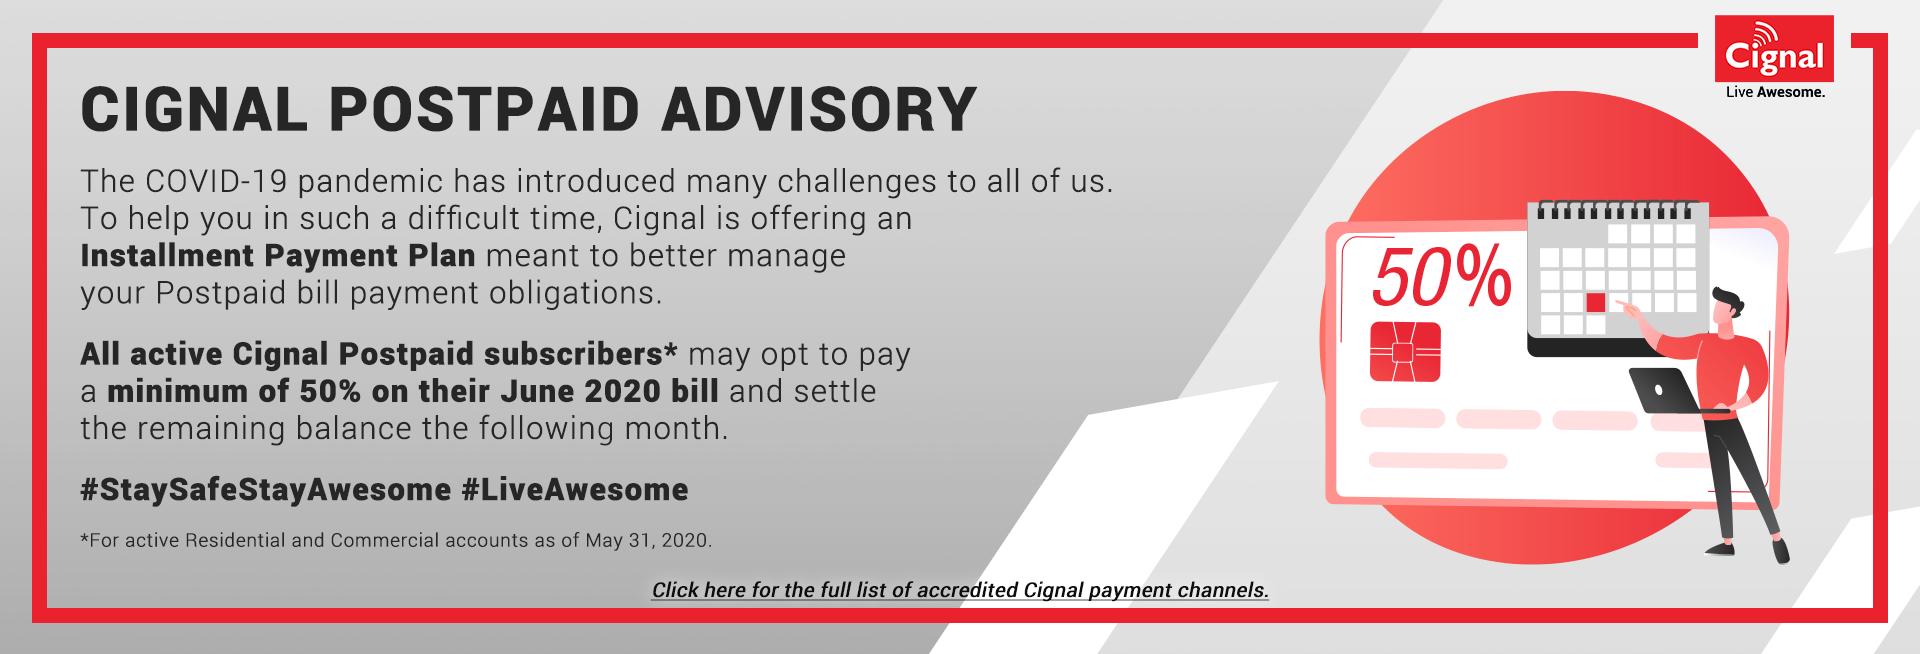 Cignal Postpaid Play Advisory